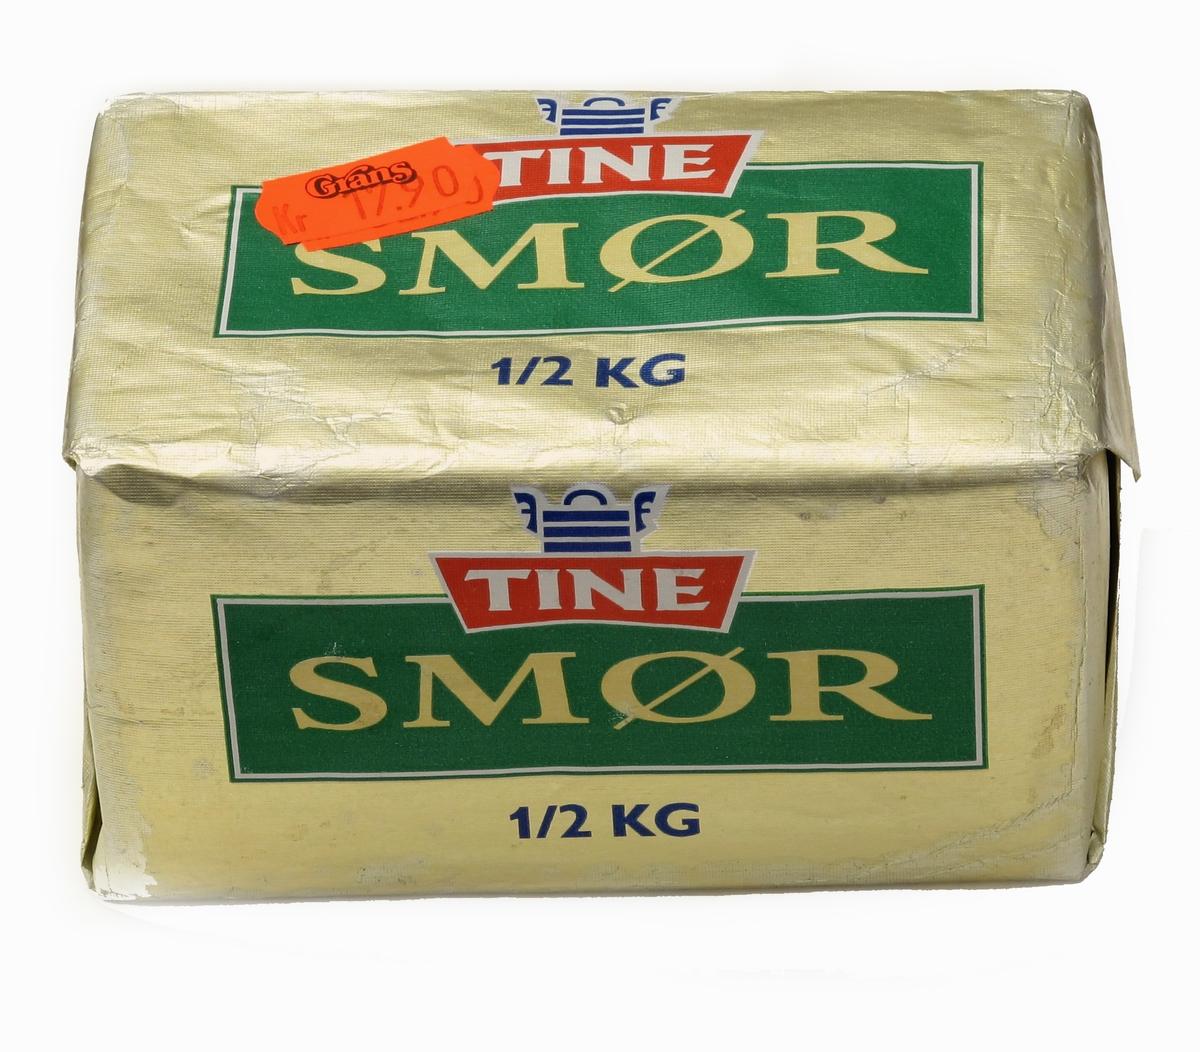 Smørpakke i papir, påtrykt varemerke og vareopplysninger, samt strekkode. Normal pakning på 1/2 kg. Avlang form. Papiret er brettet rundt en trekloss. Tilstand: God.